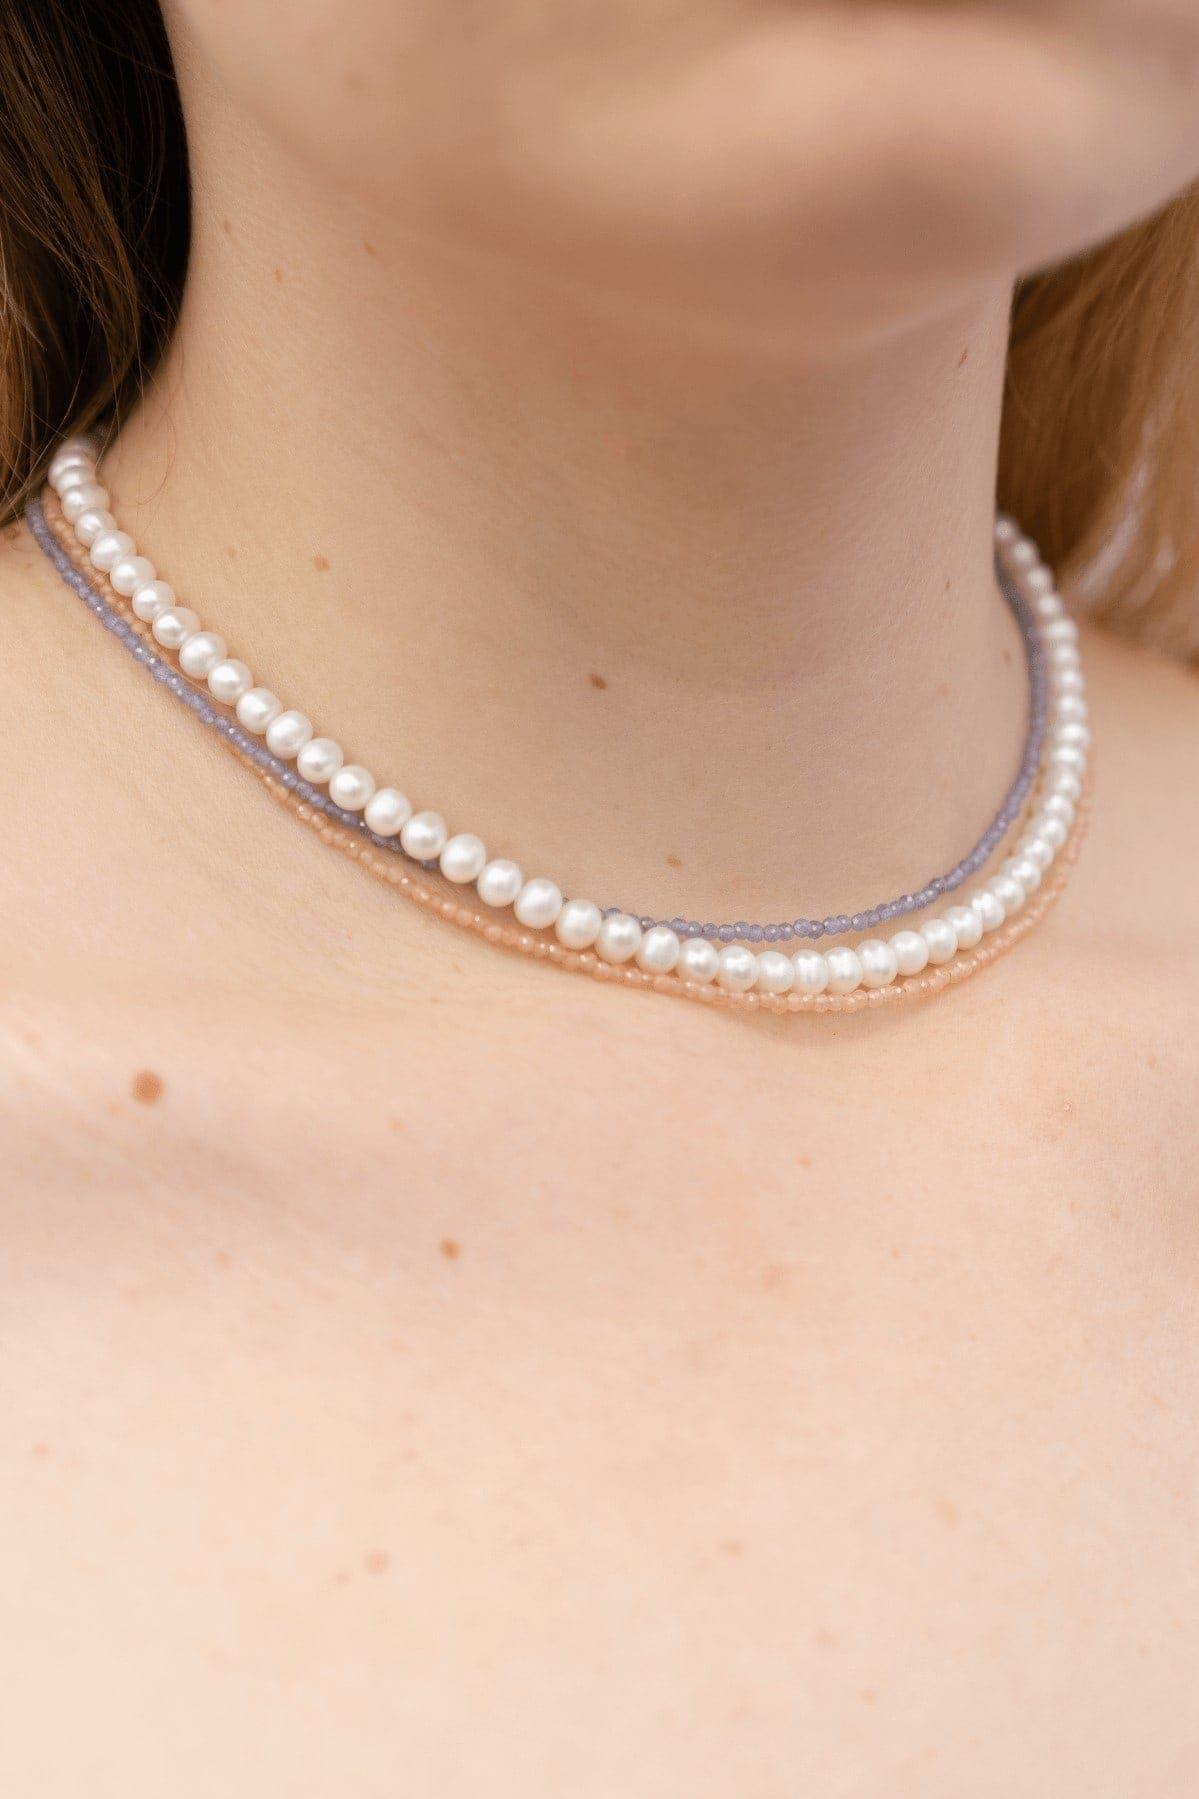 Monika ma na sobie naszyjniki z kolorowych kamieni naturalnych oraz naszyjnik z pereł